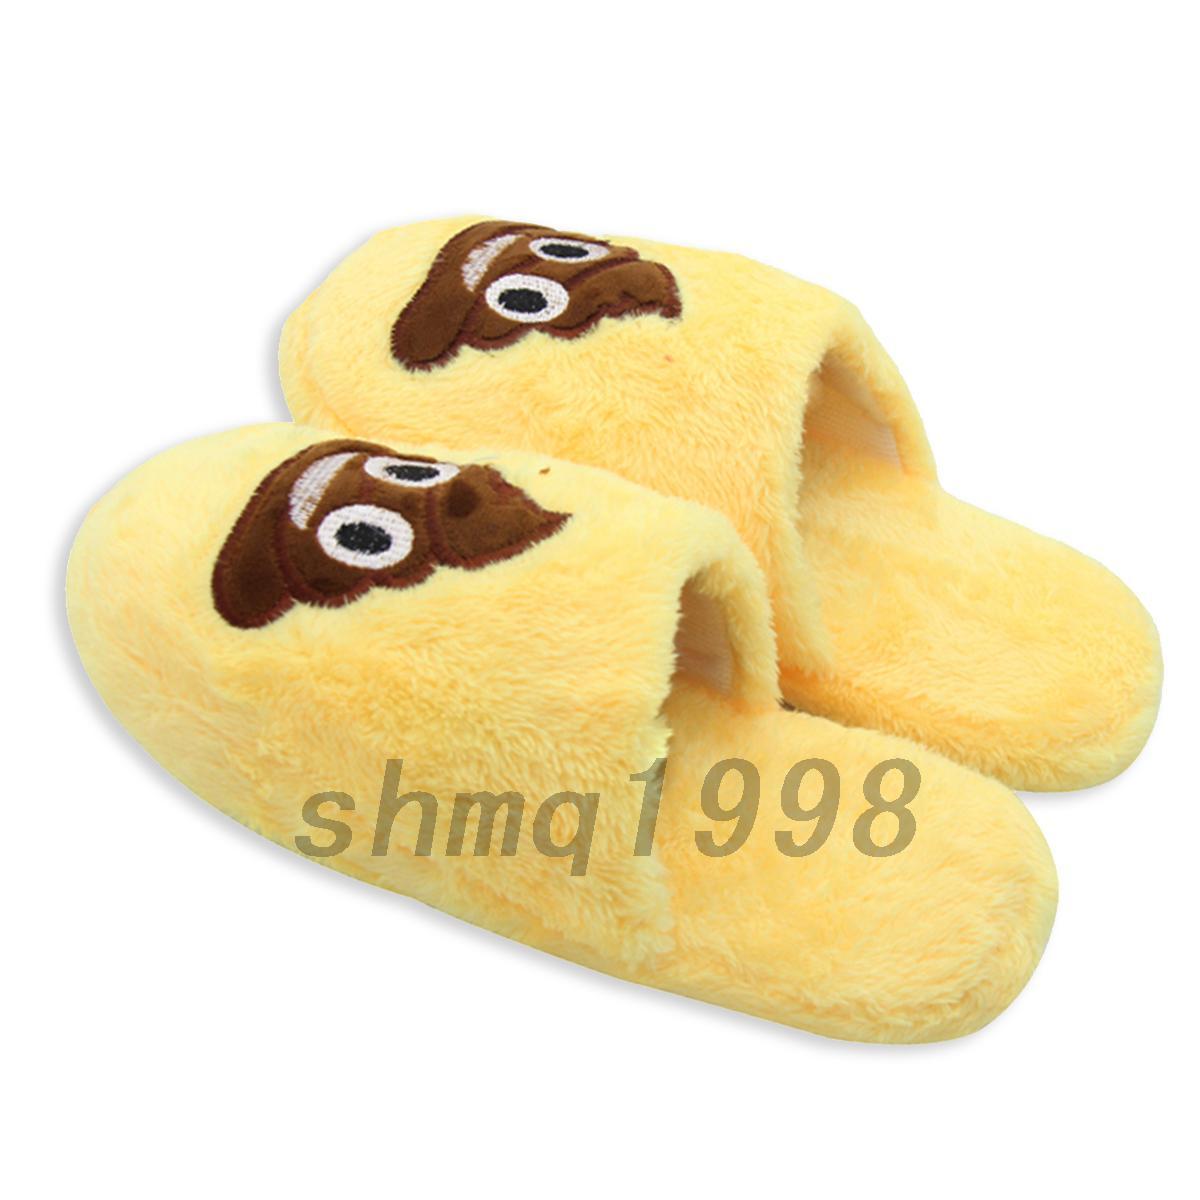 chausson pantoufle emoji mule d 39 hiver chaud coton. Black Bedroom Furniture Sets. Home Design Ideas